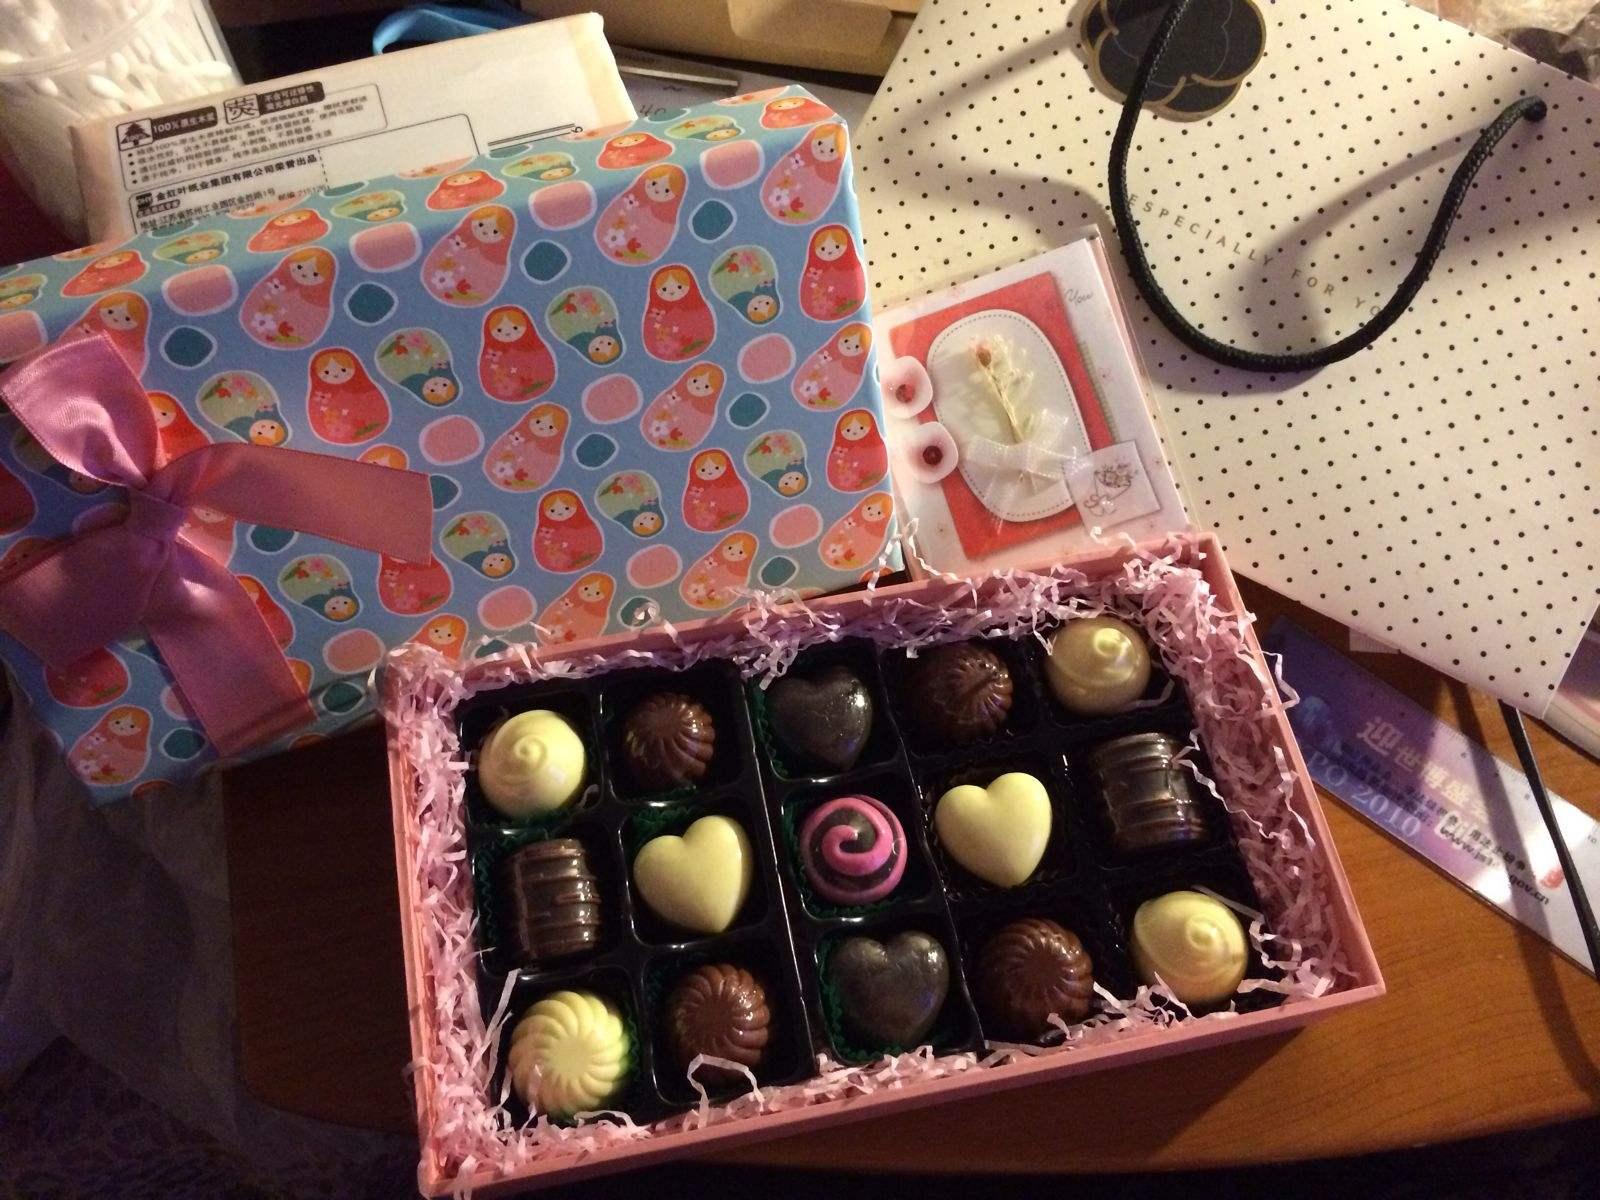 给男生过生日买什么礼物好_男生给女生买生日礼物代表什么